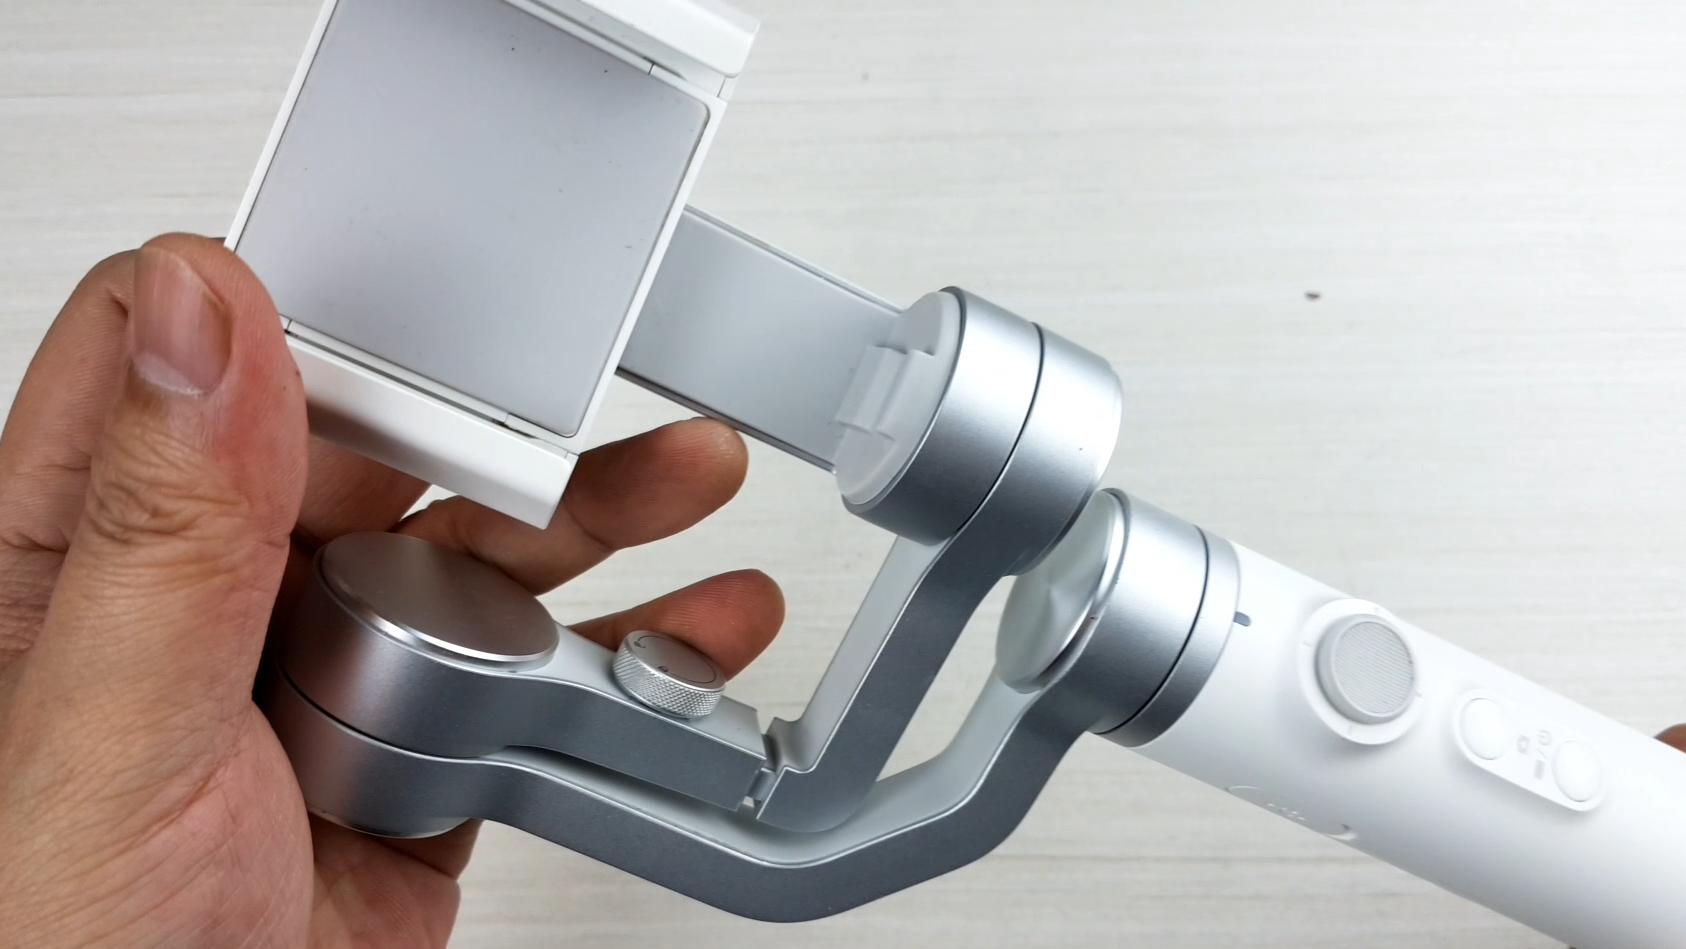 拆解小米手机云台稳定器,看看它内部的结构和工作原理是什么